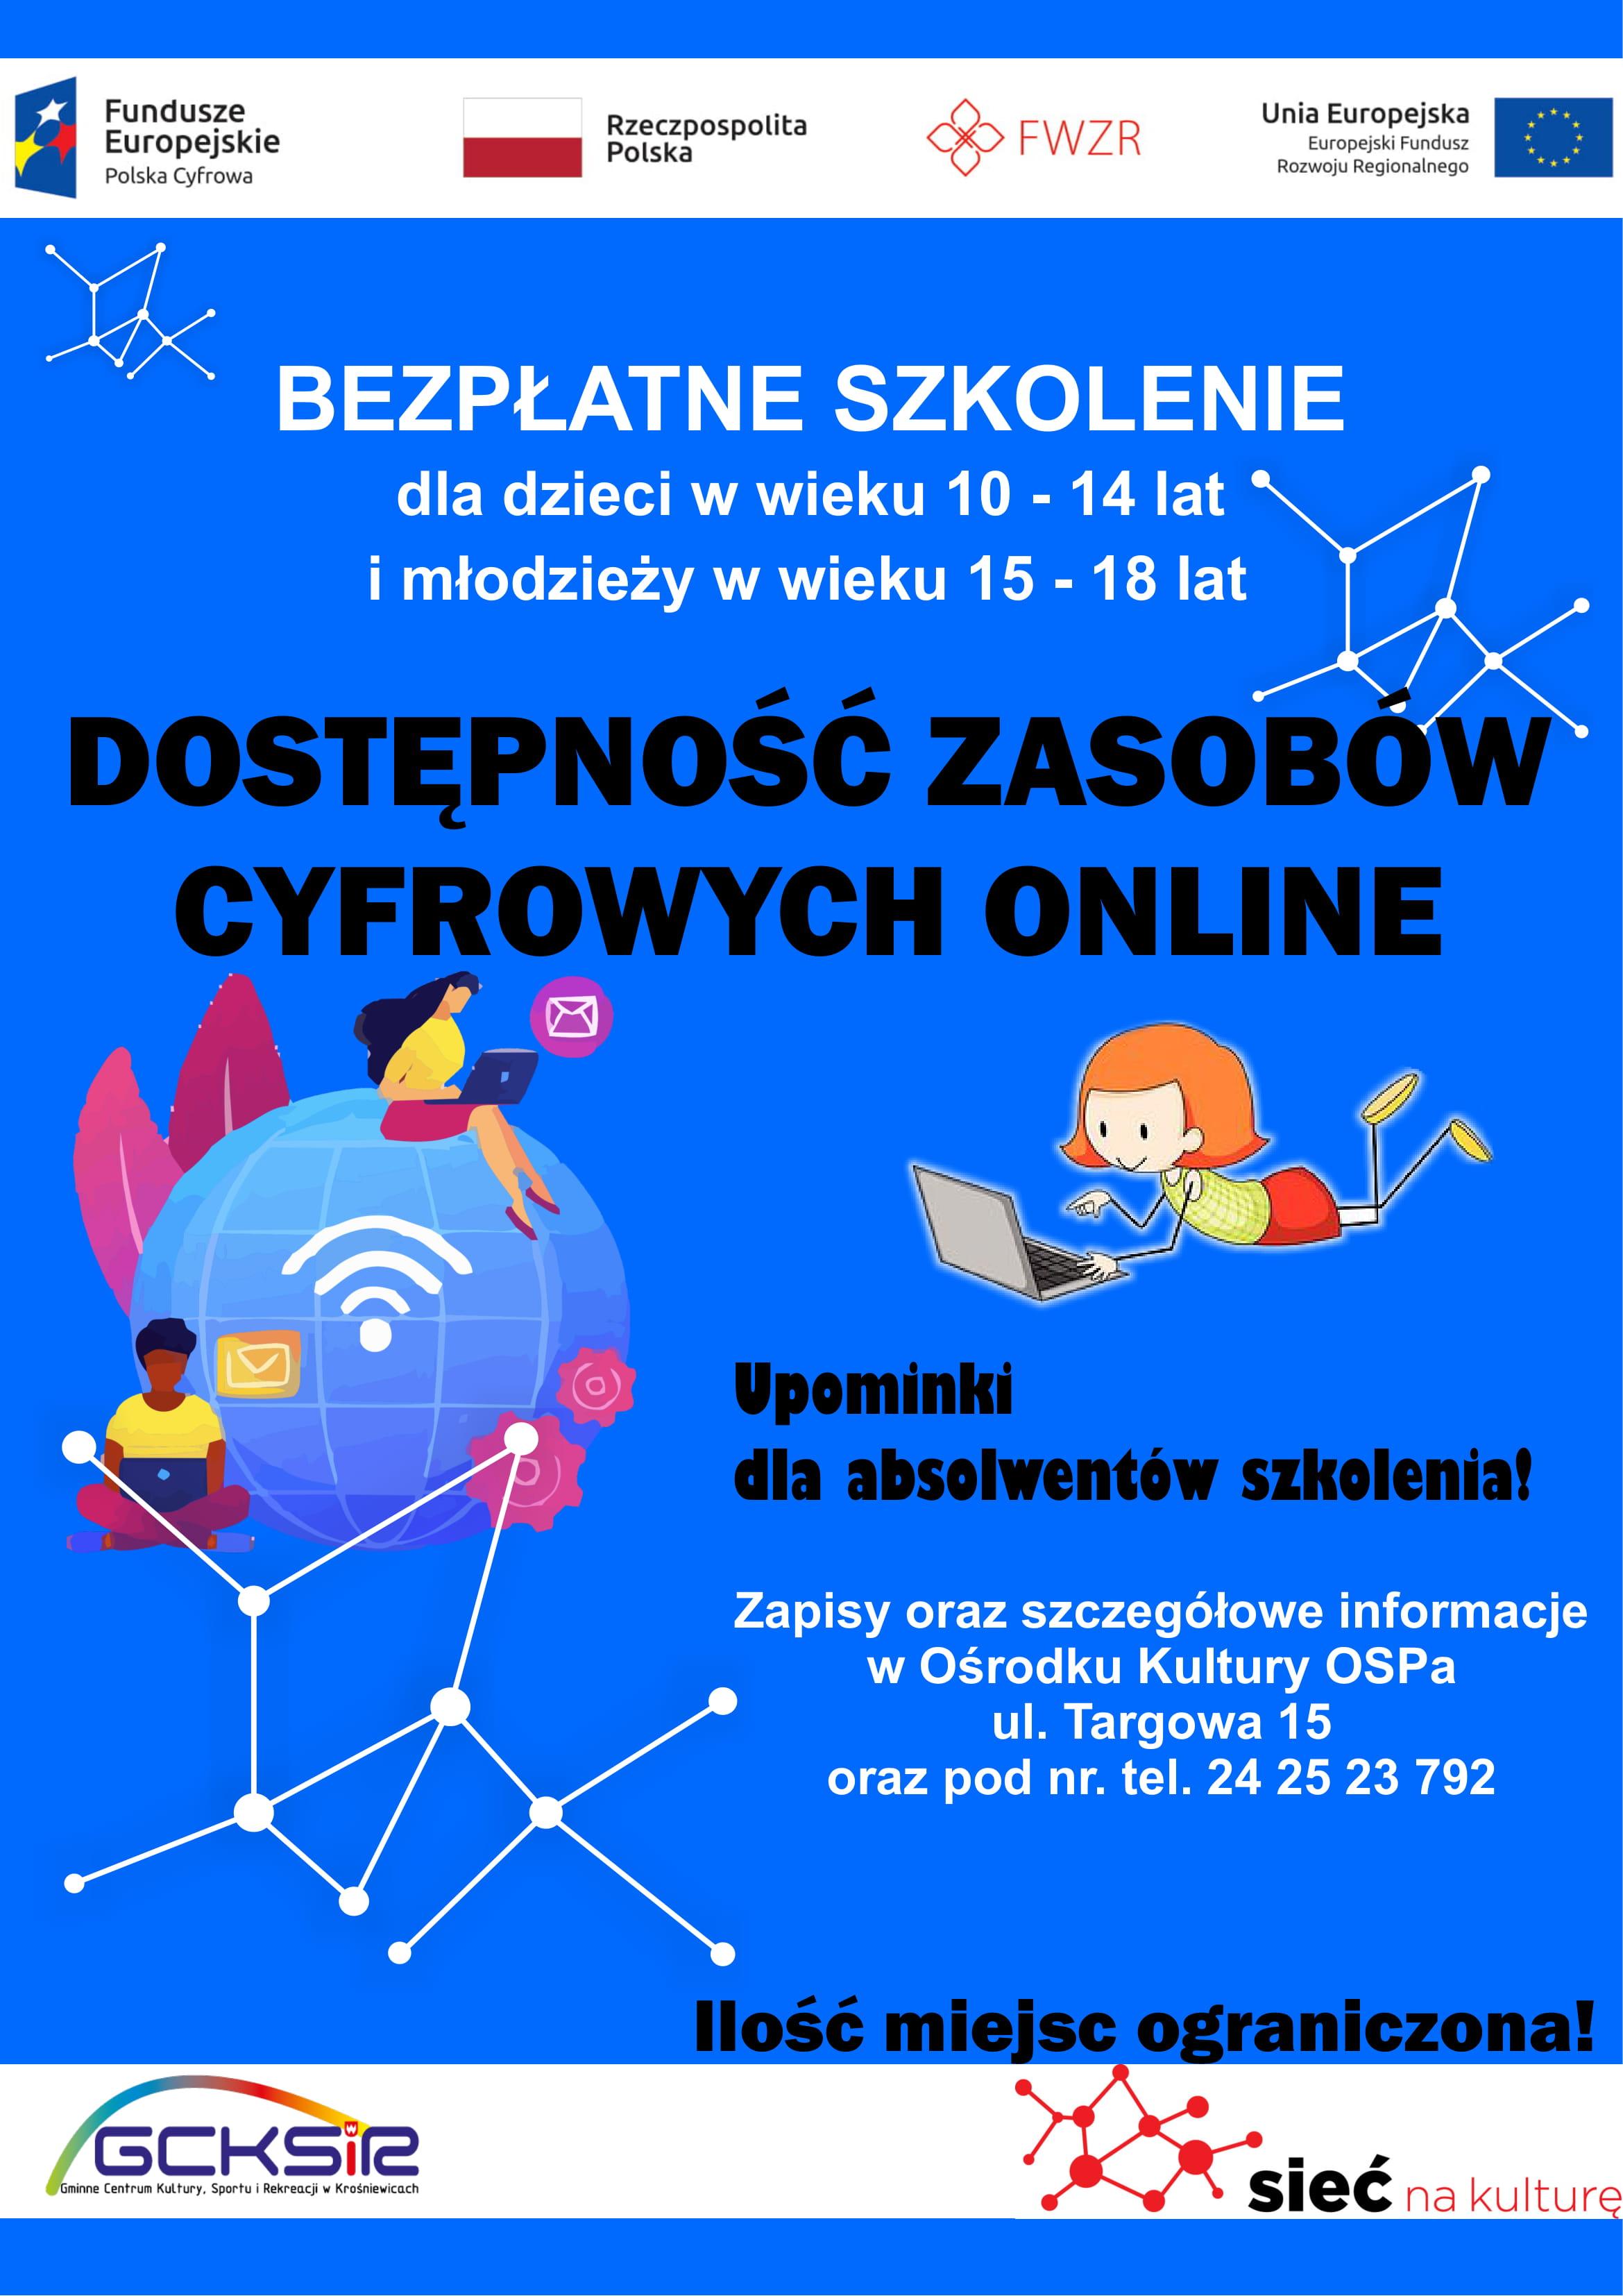 Dostępność zasobów online   siec na kulture 2021 1